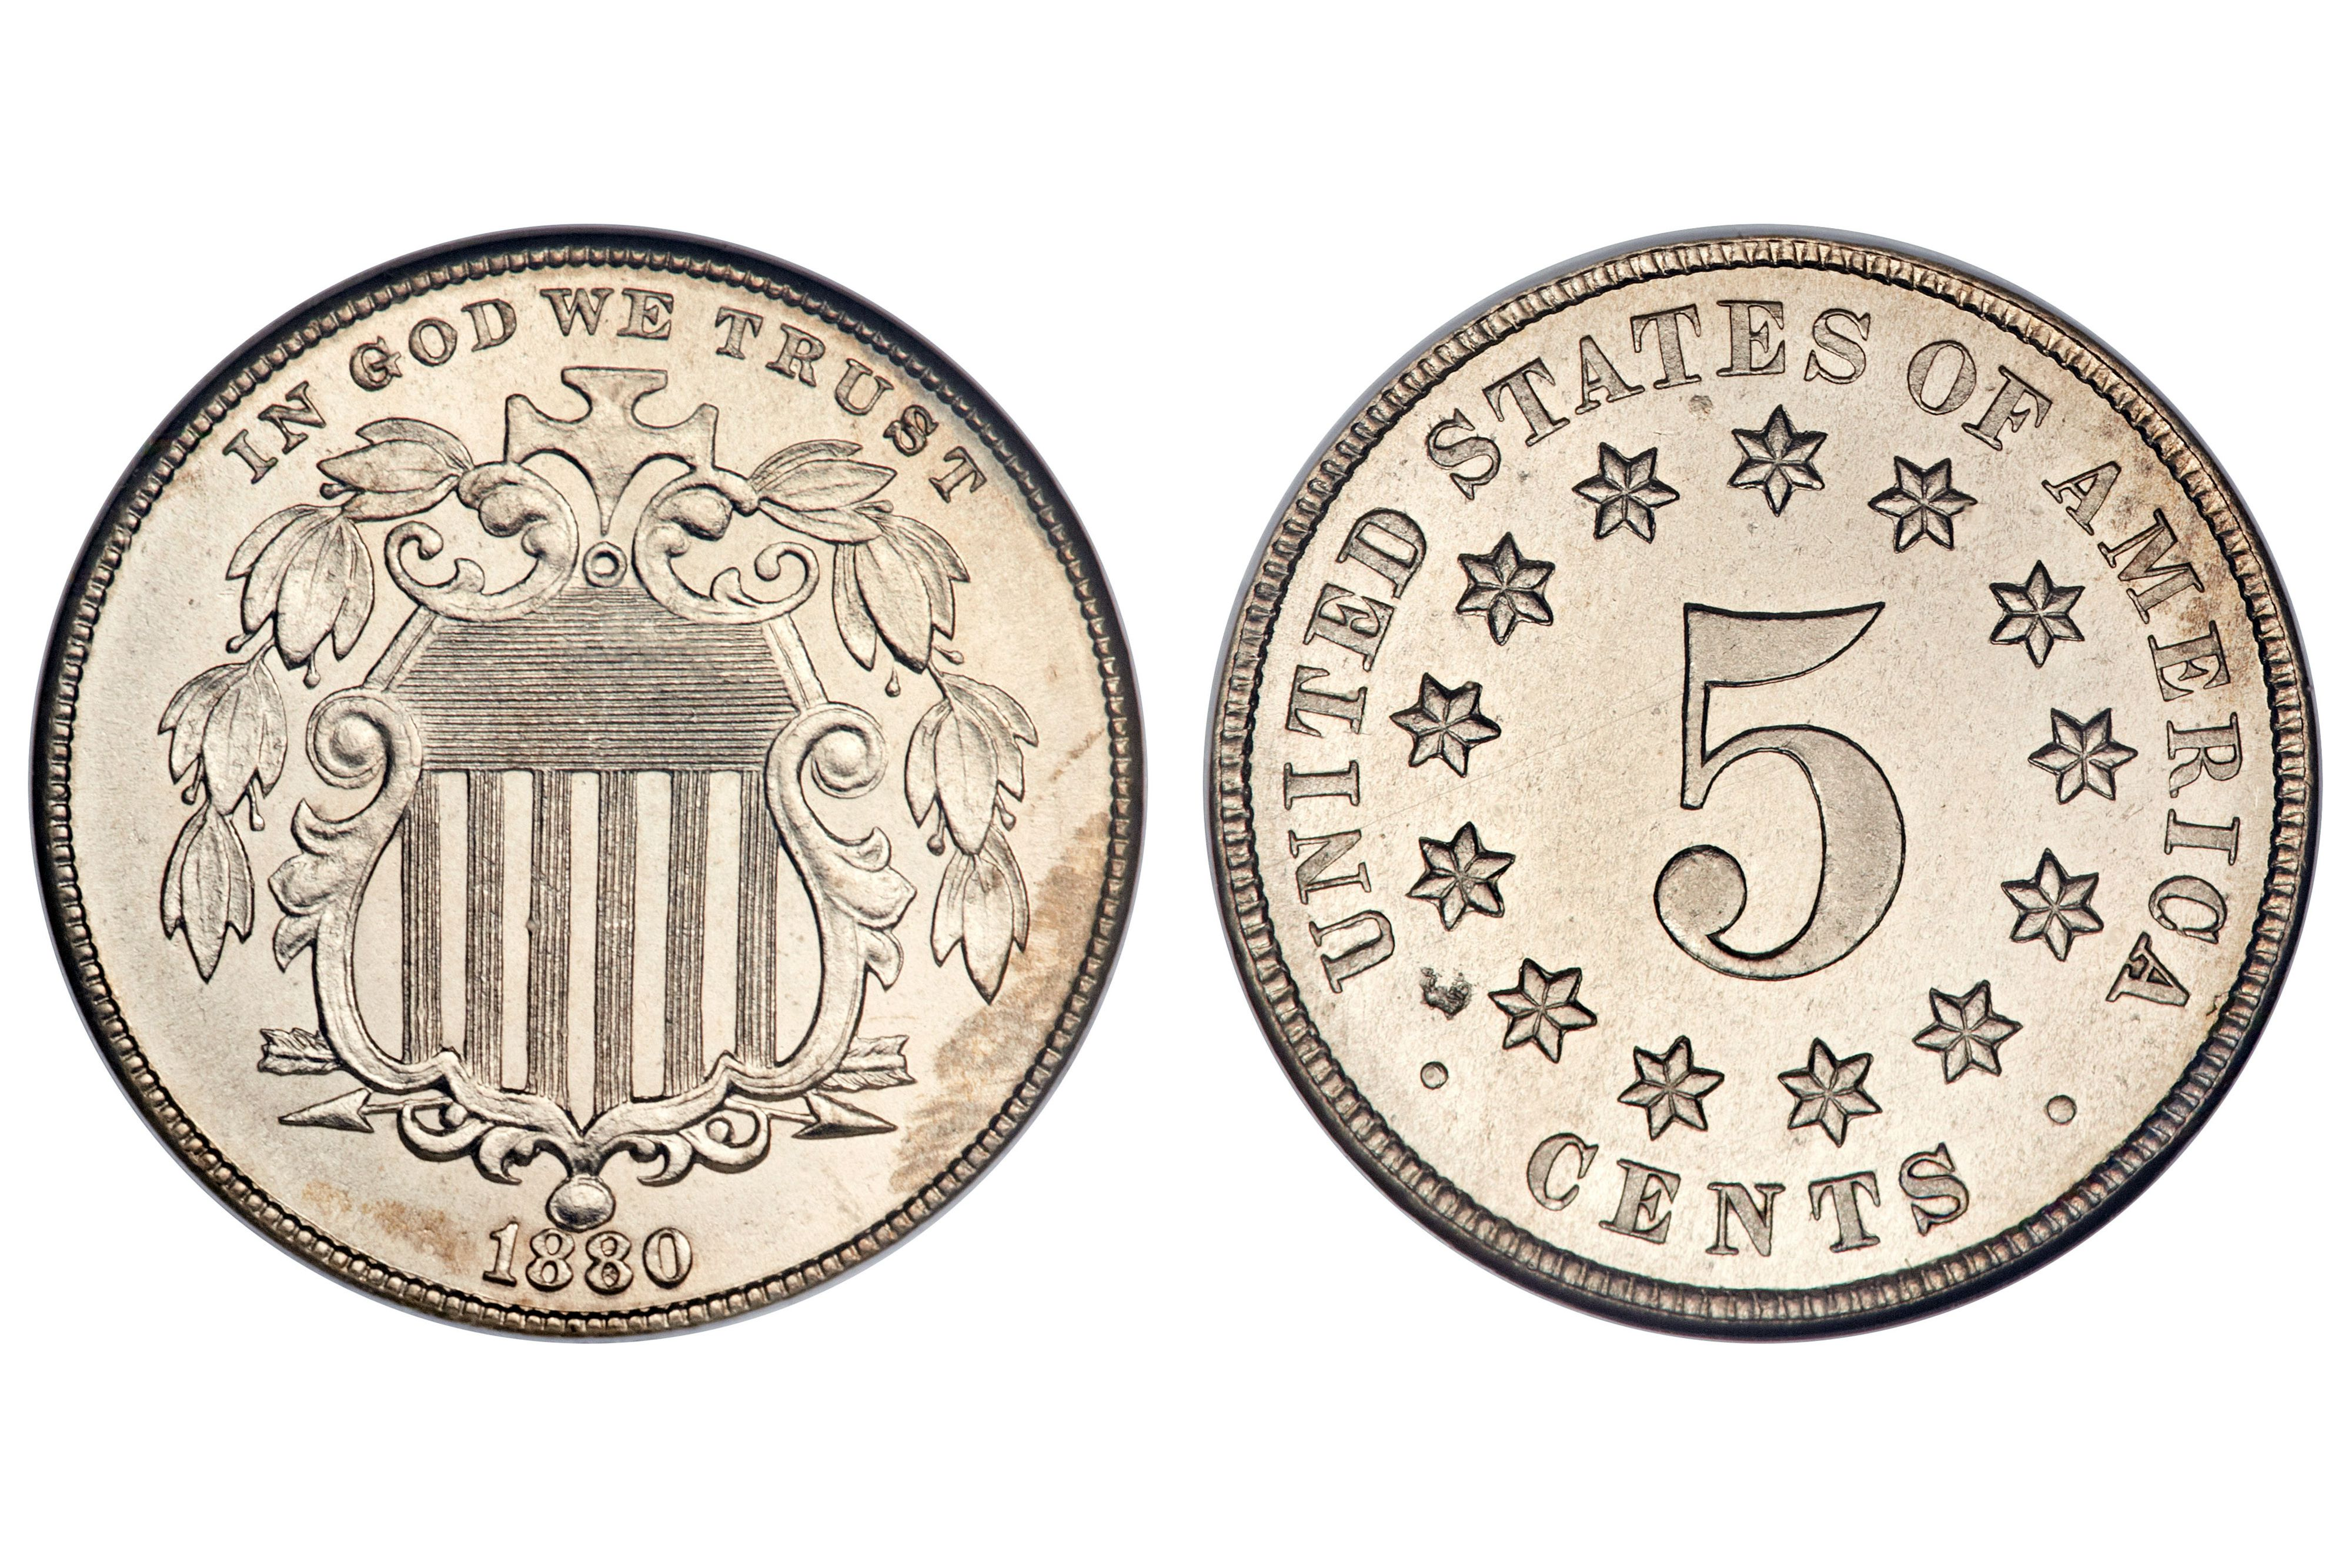 U.S. Shield Nickel Minted between 1866 and 1883